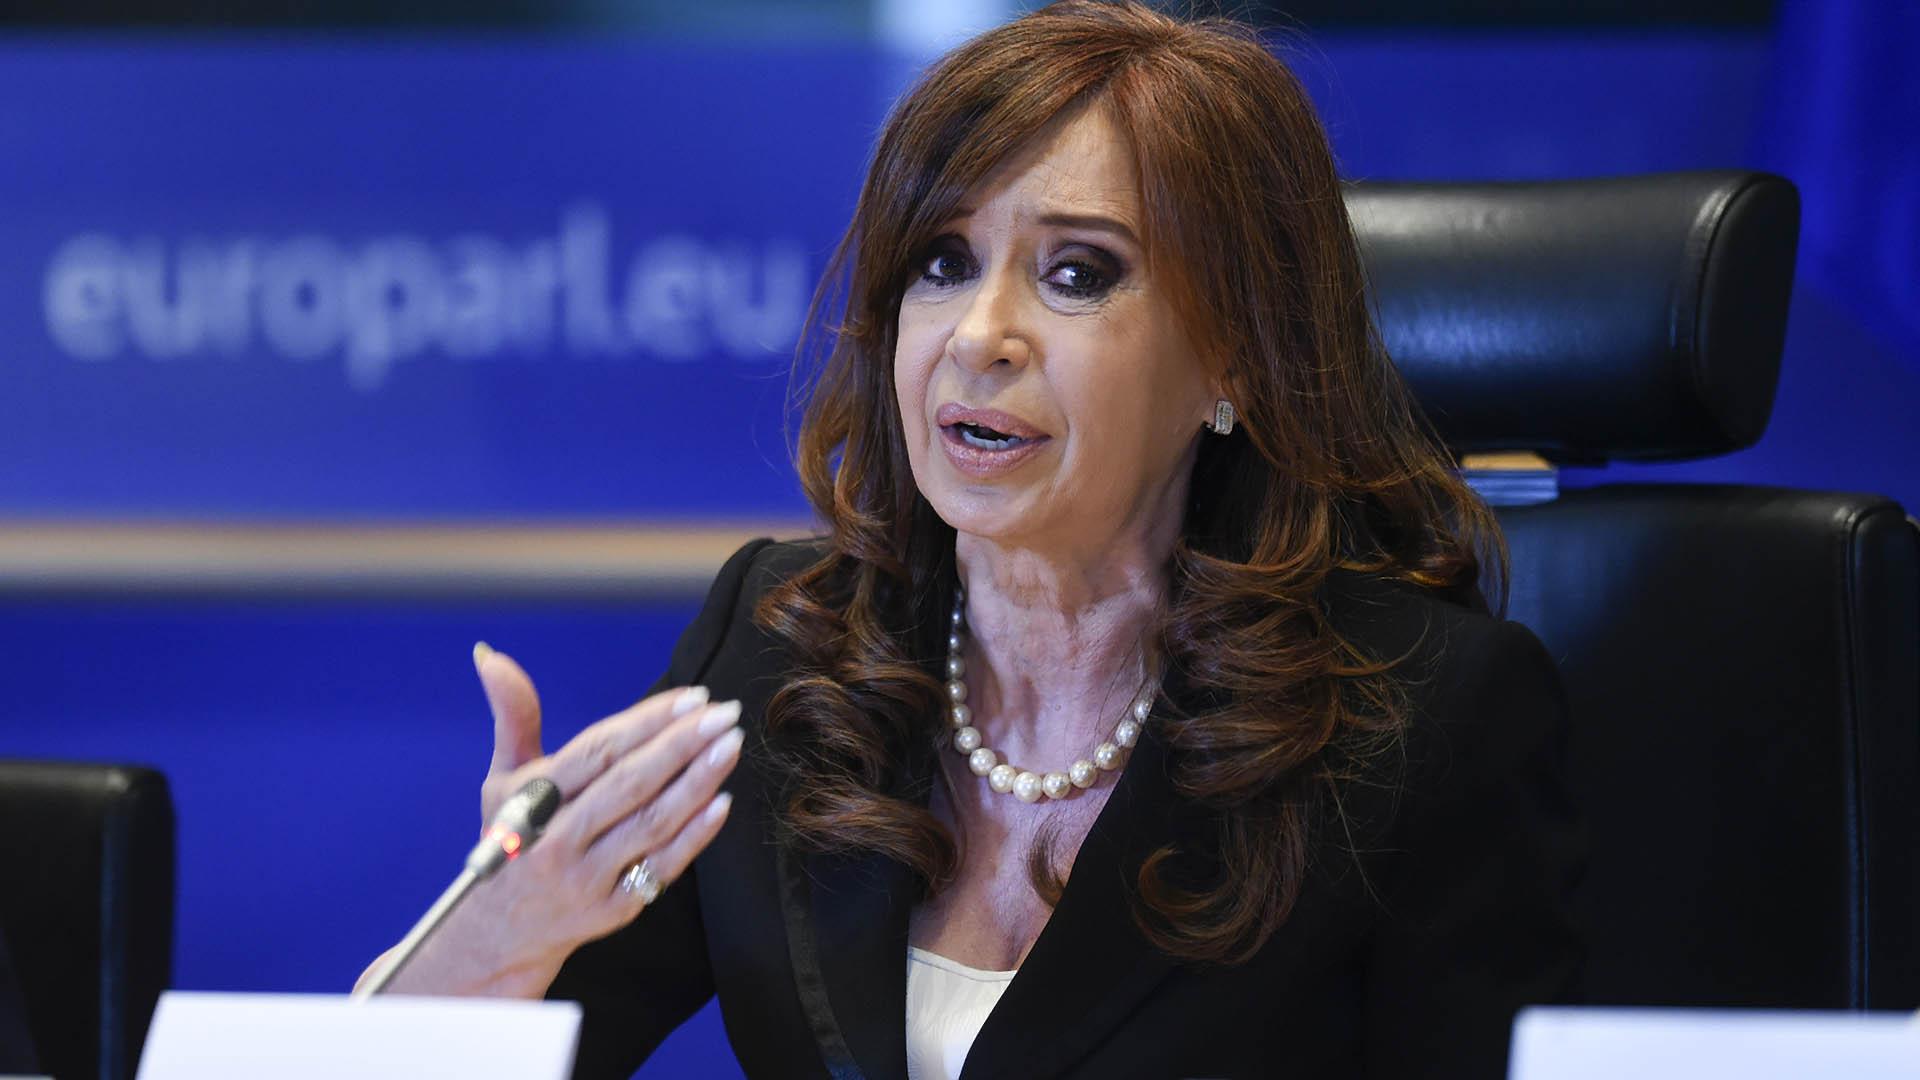 Cristina Elisabet Kirchner será investigada por Bonadio en la causa por la denuncia de Nisman